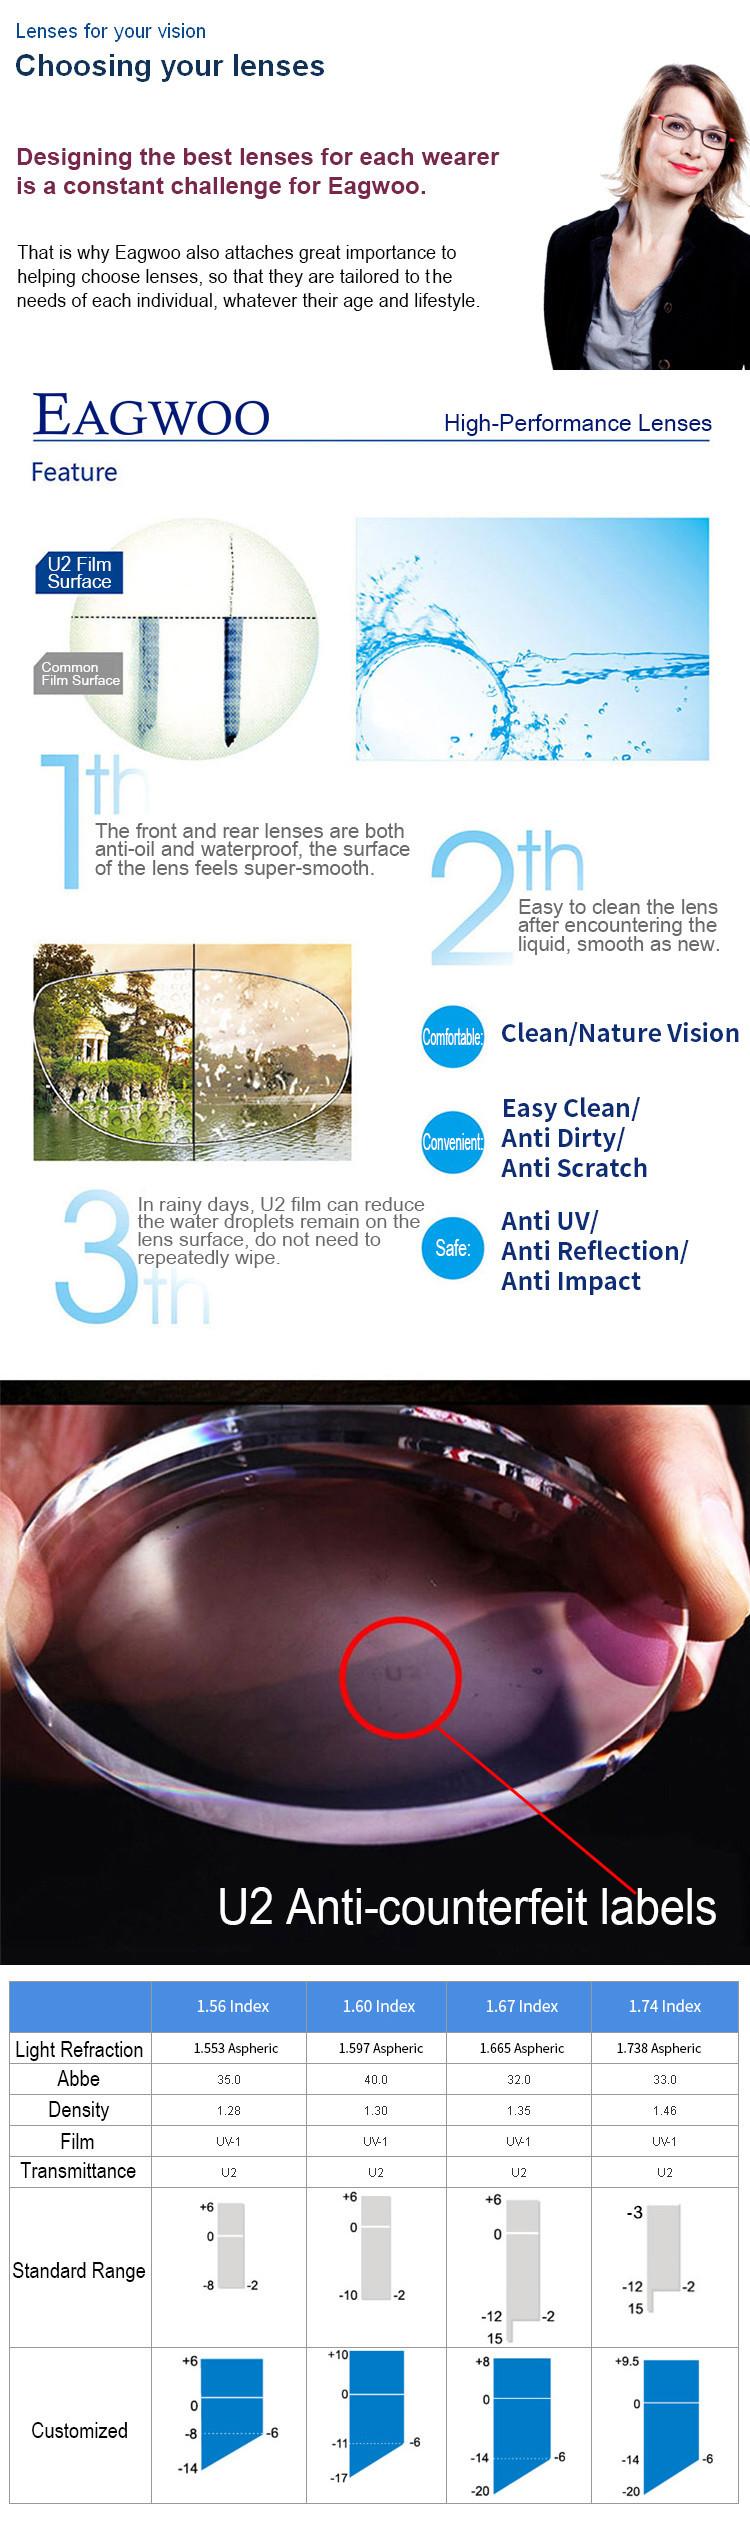 final lenses